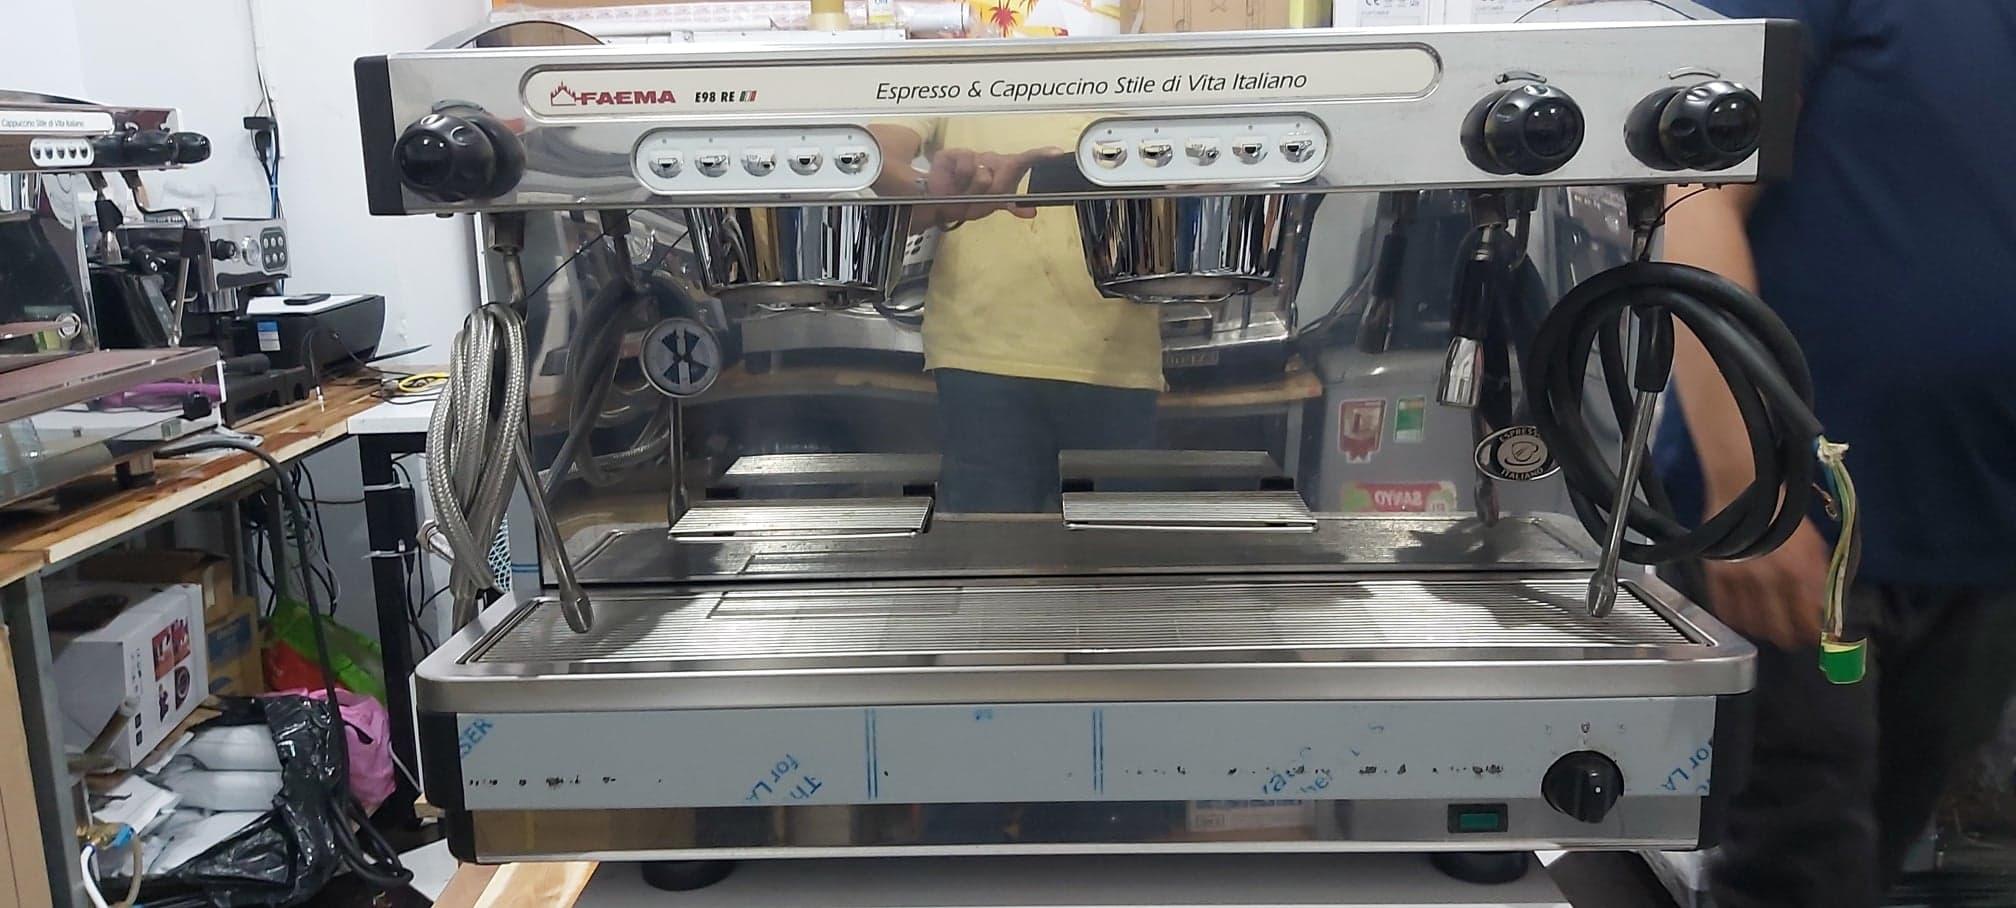 Thanh lý máy máy pha cafe hay ép cafe cũng là em nó : Máy pha cà phê Faema E98 cũ giá rẻ